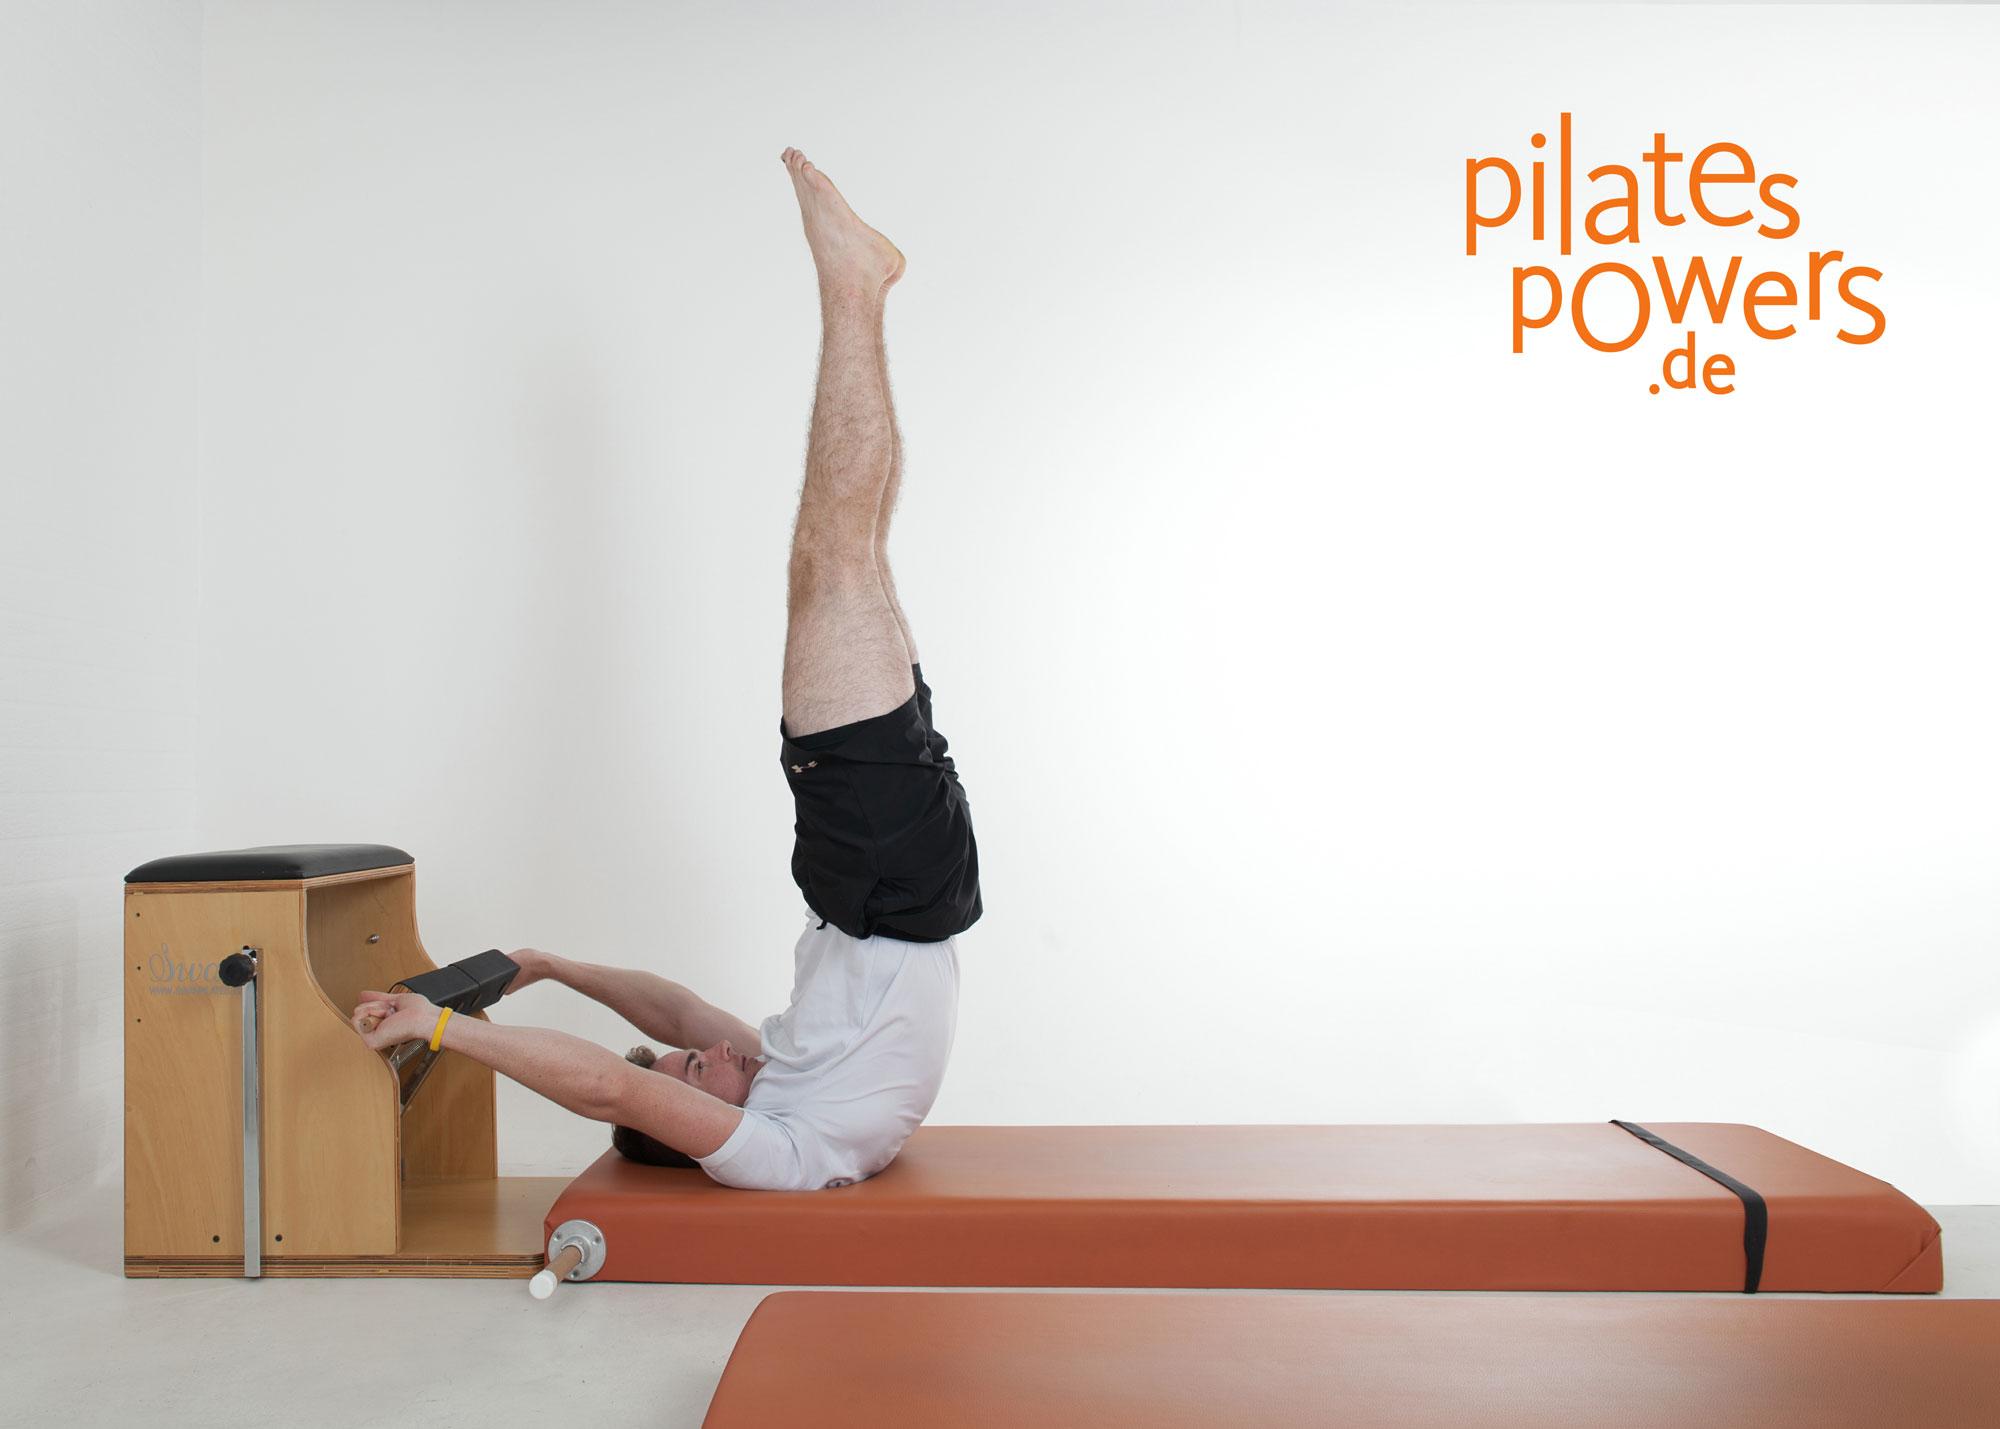 Ganzkörpertraining Pilates mit Stretch des oberen Nackenmuskels